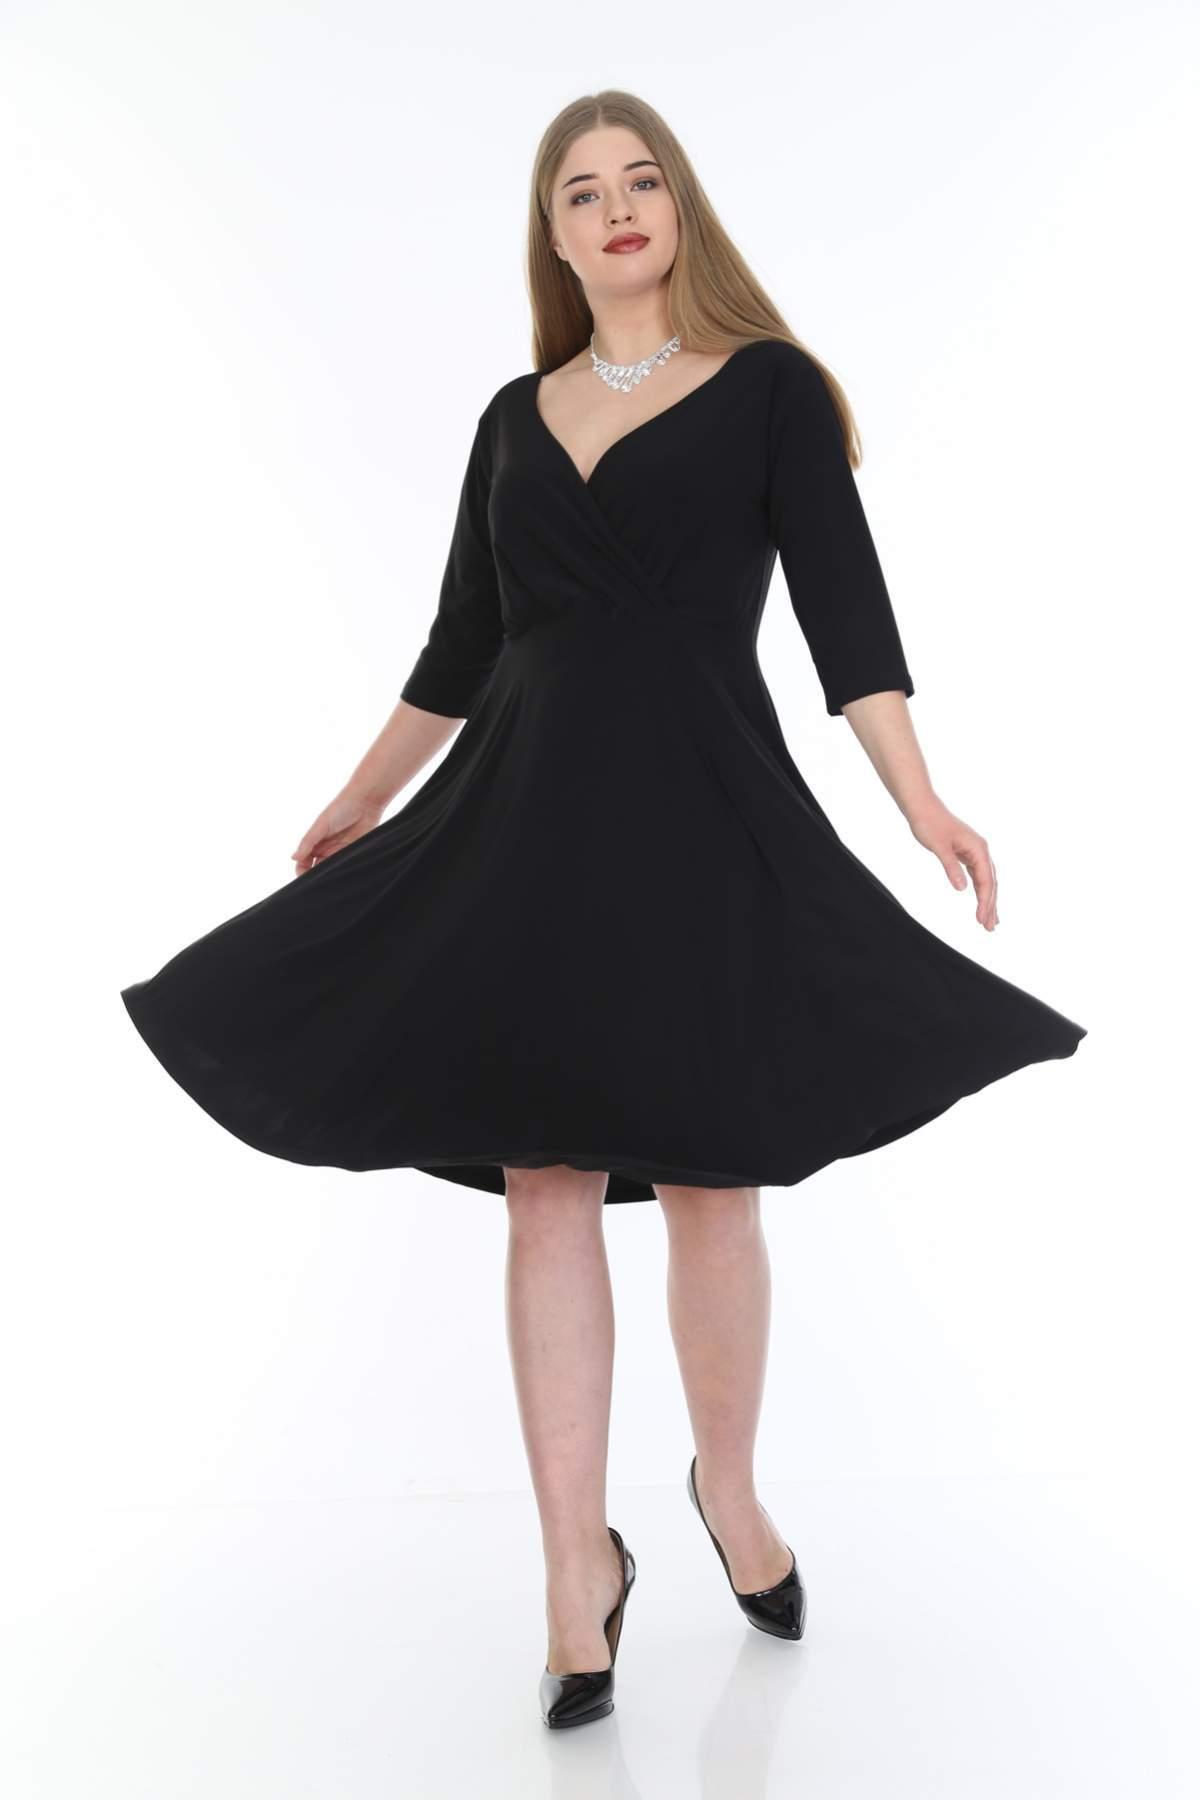 7e821dec06 Plus Size Lace Evening Gowns - Data Dynamic AG